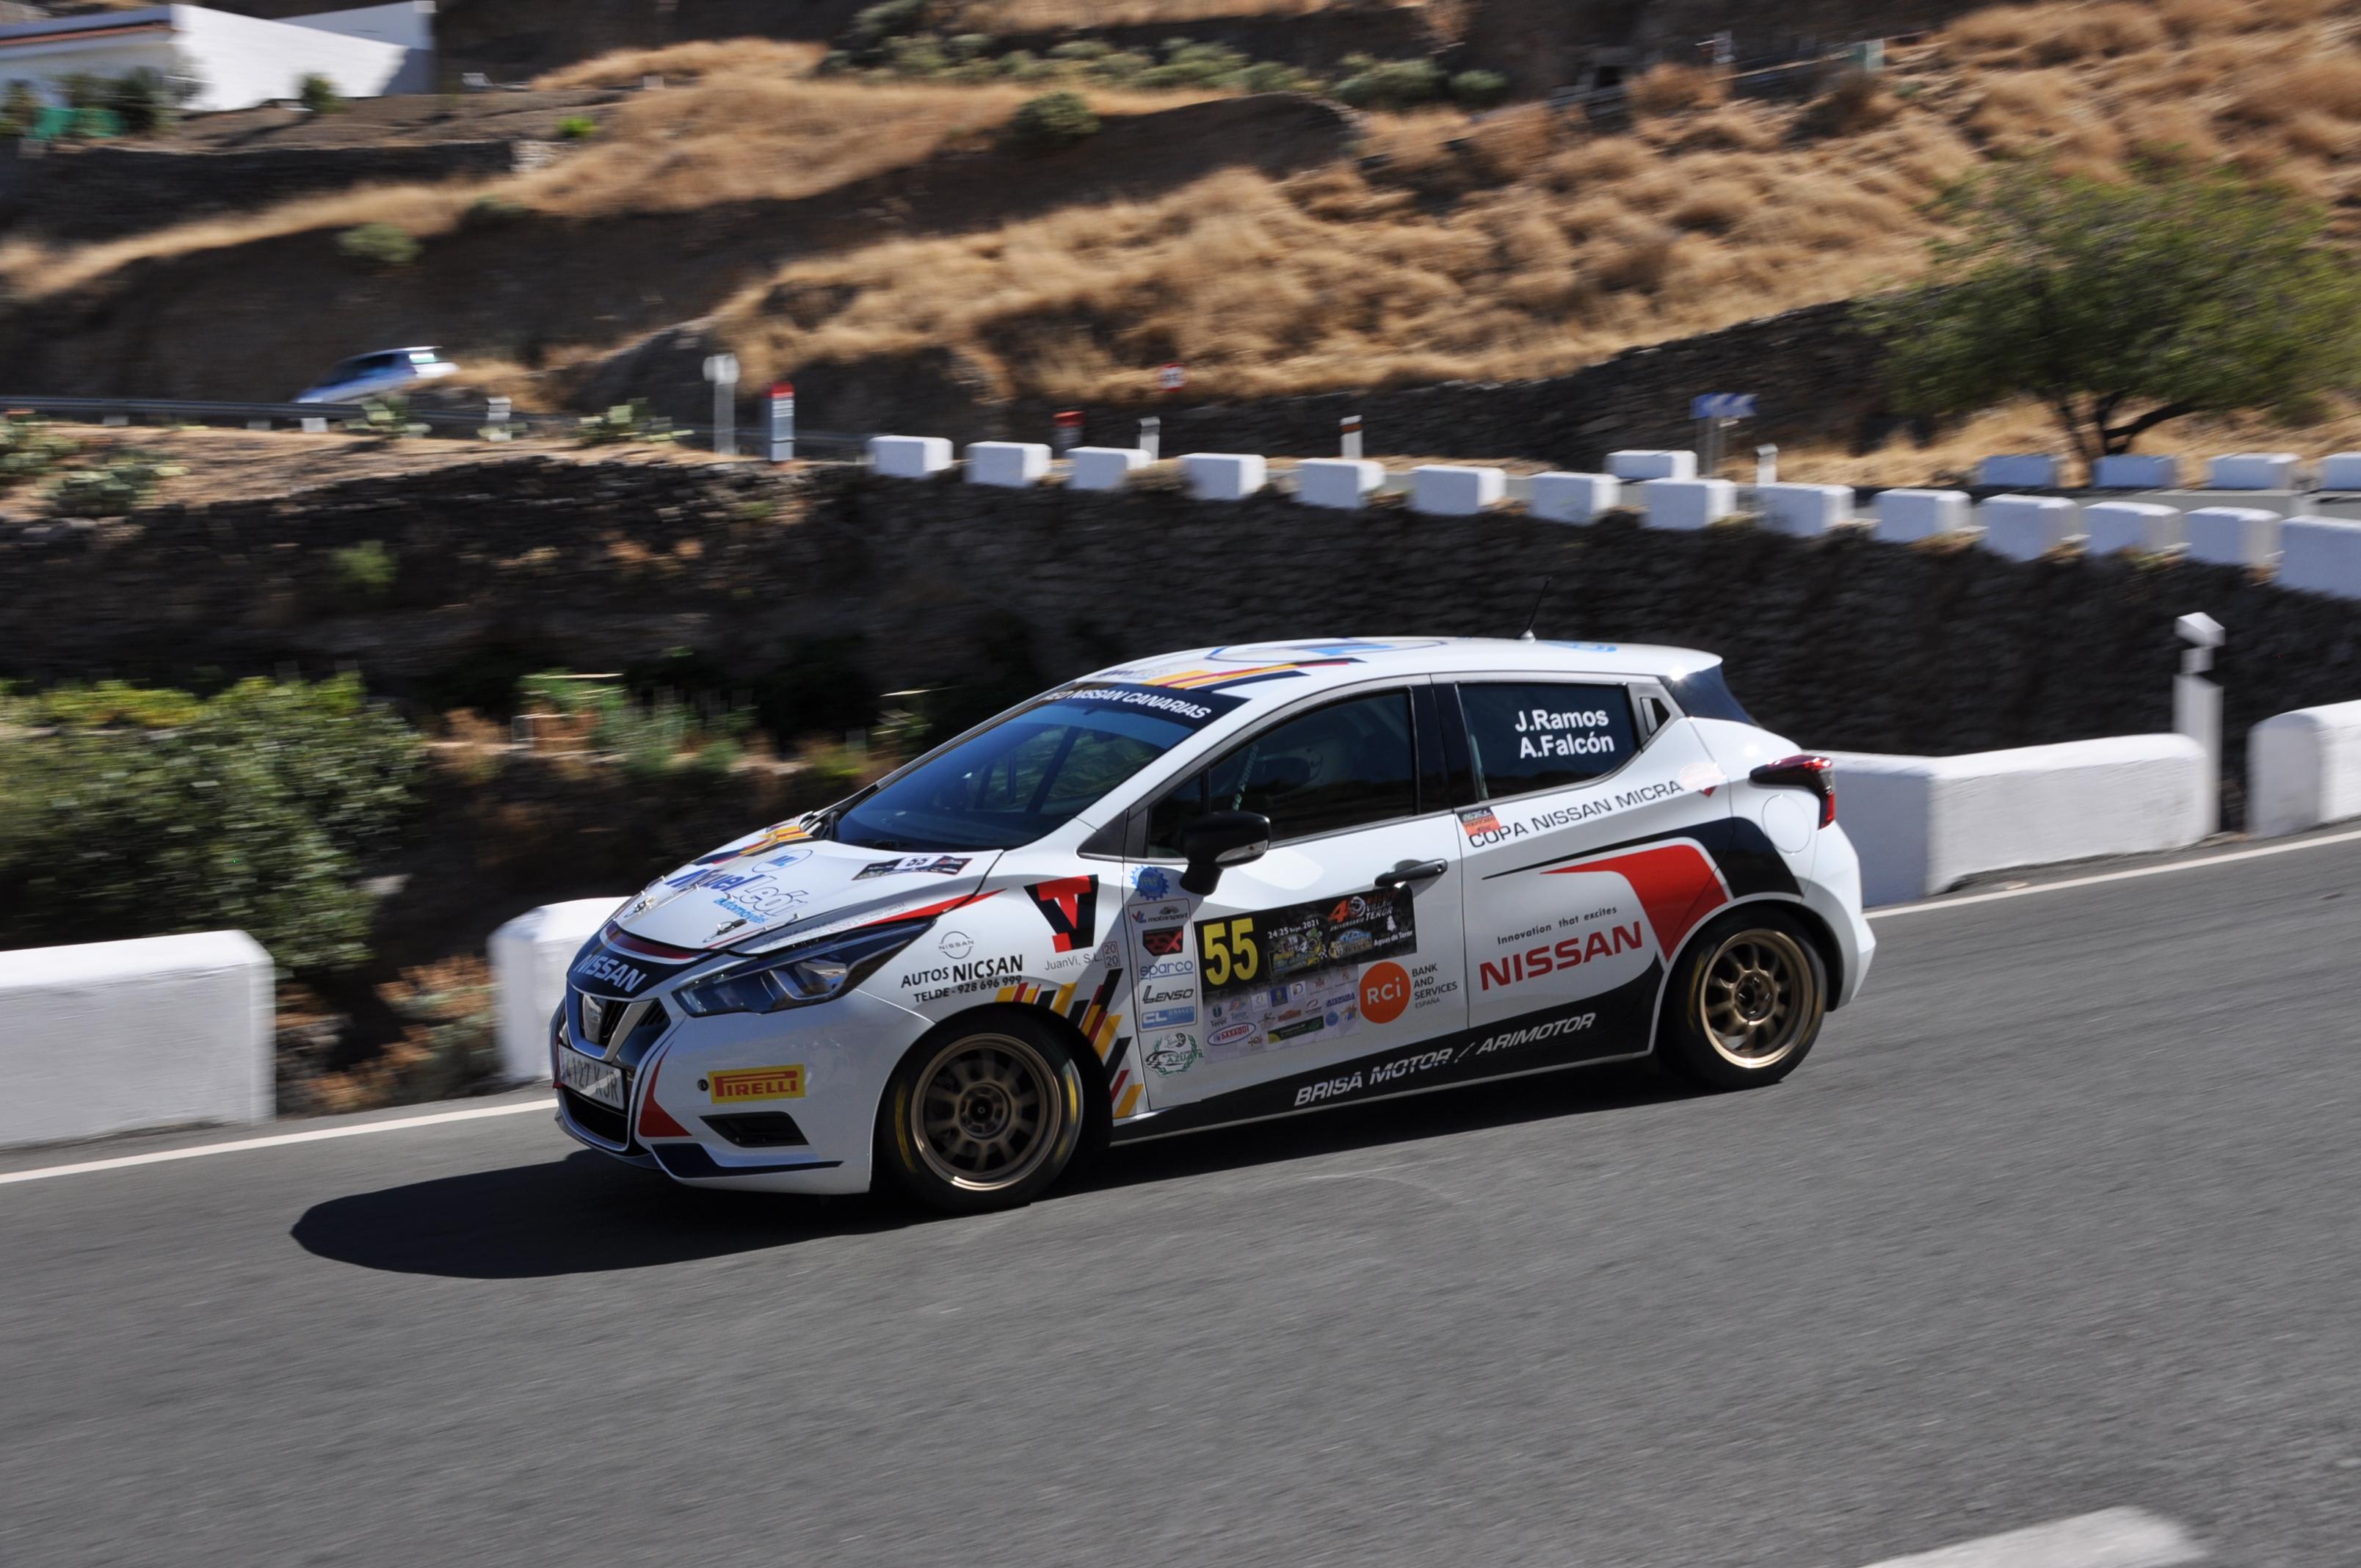 40º Rallye Villa de Teror. Jesé Ramos y Alejandro Falcón dominan.